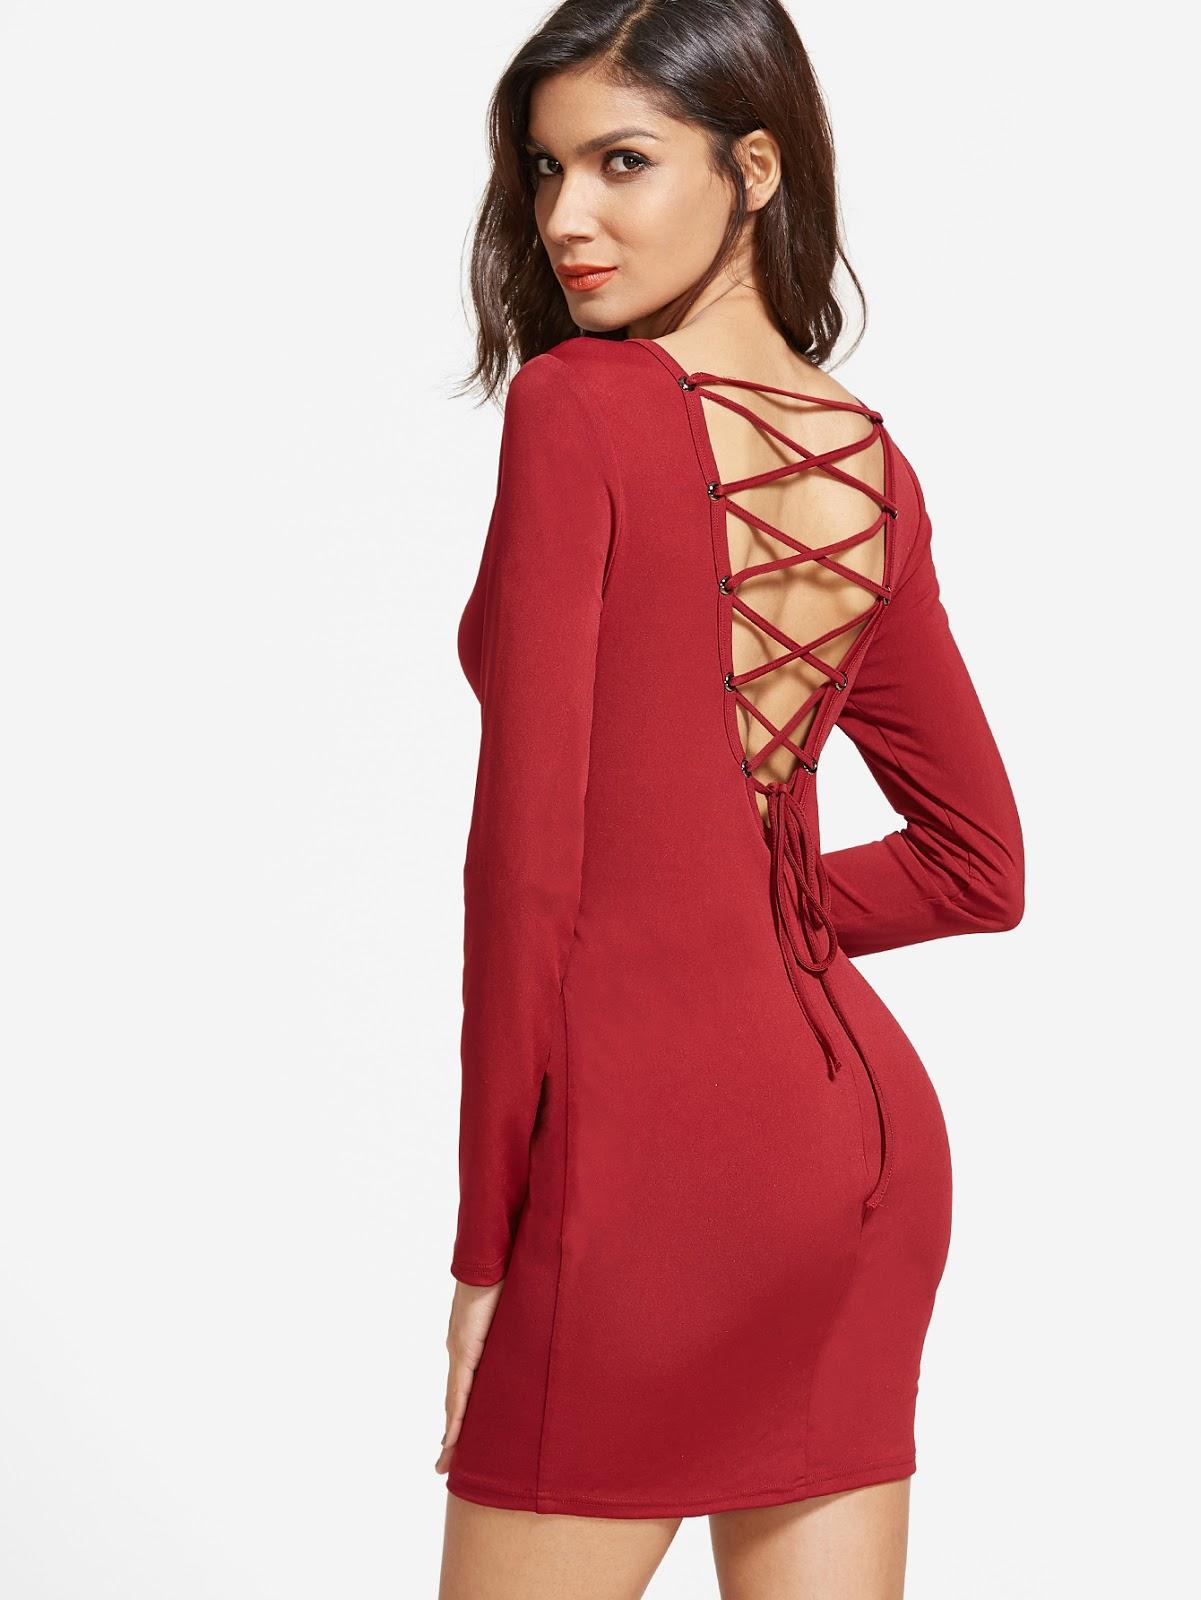 50 Vestidos Rojos Ideas Perfectas Para Ti Vestidos